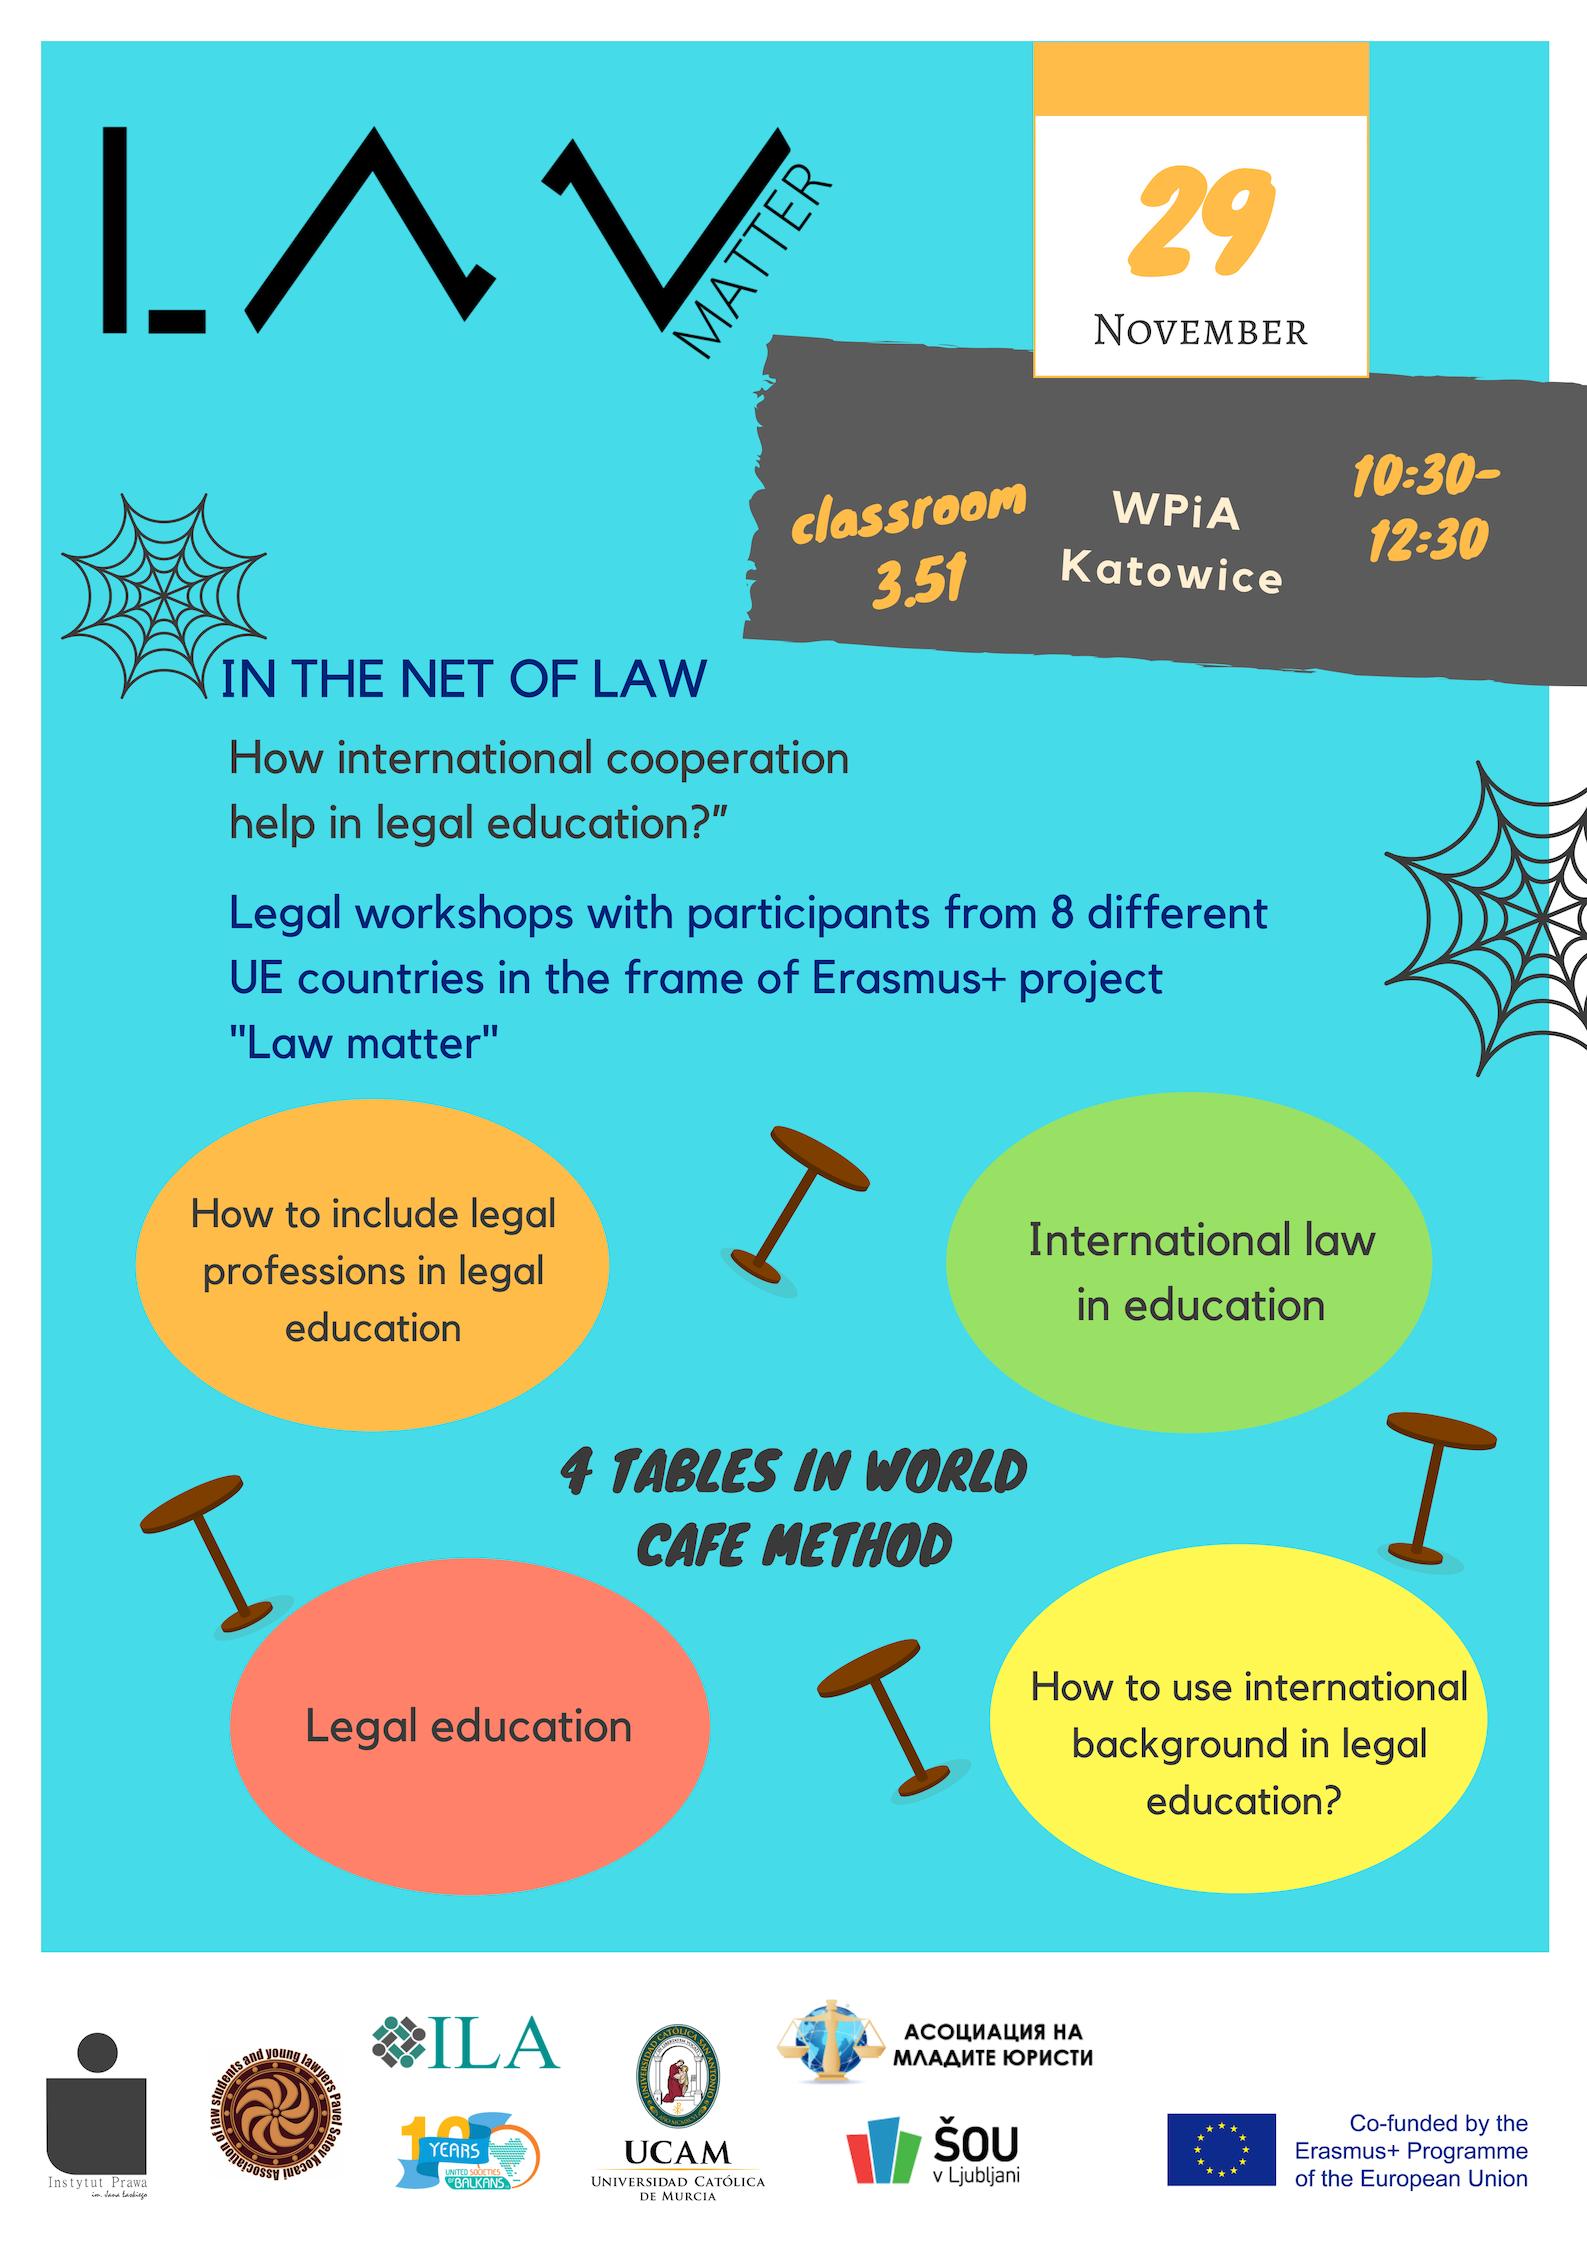 law_matter_workshops_us.png